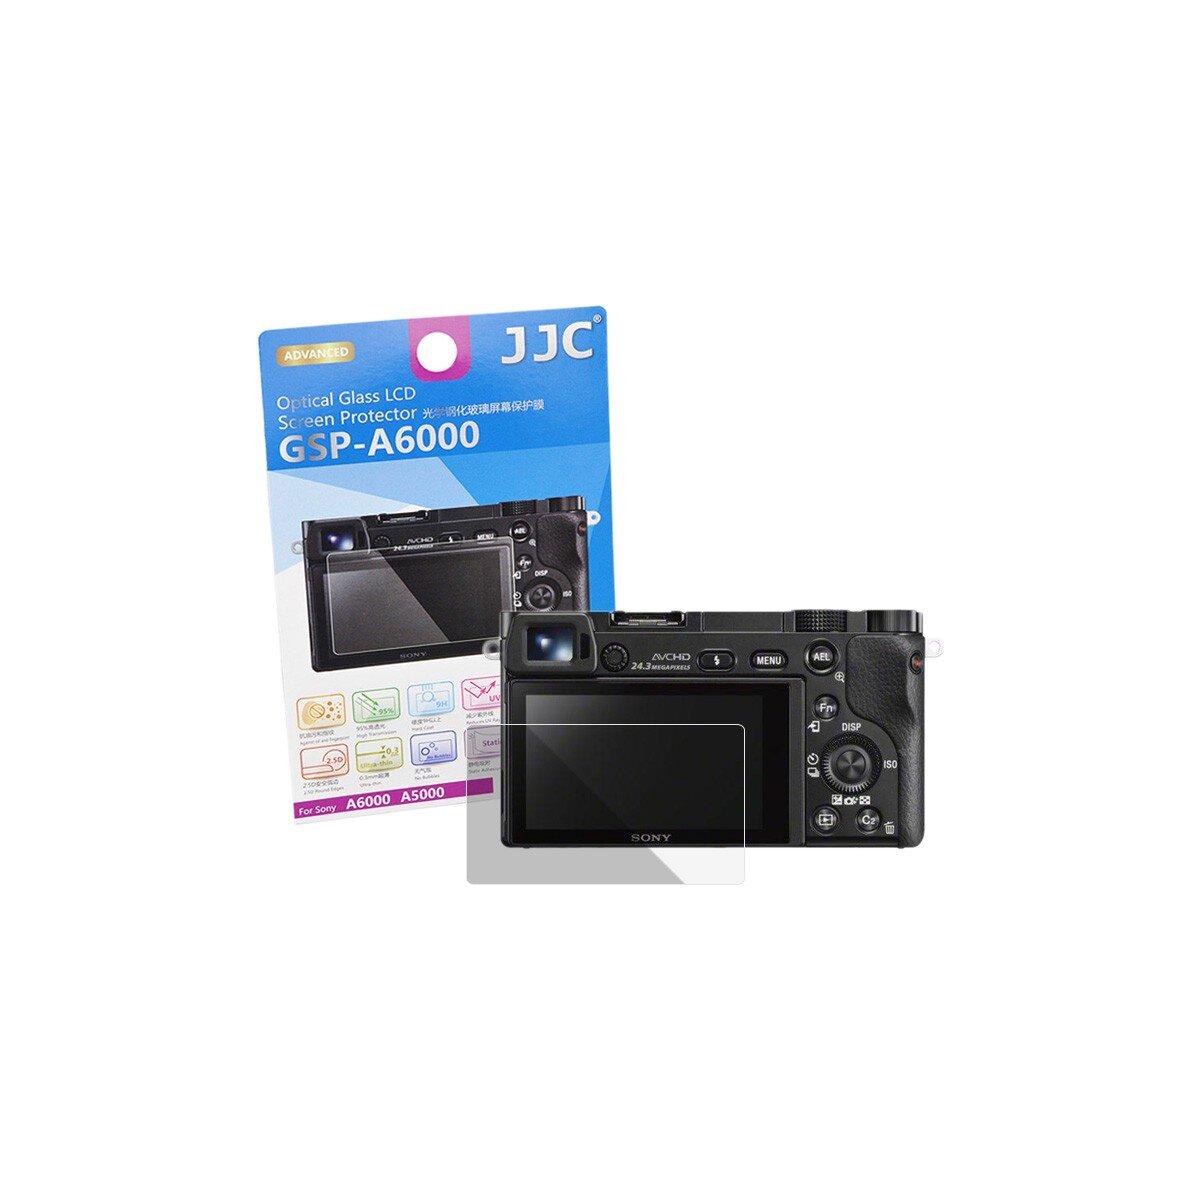 Hochwertiger Displayschutz Screen Protector aus gehaertetem Echtglas, passend fuer Nikon D5300